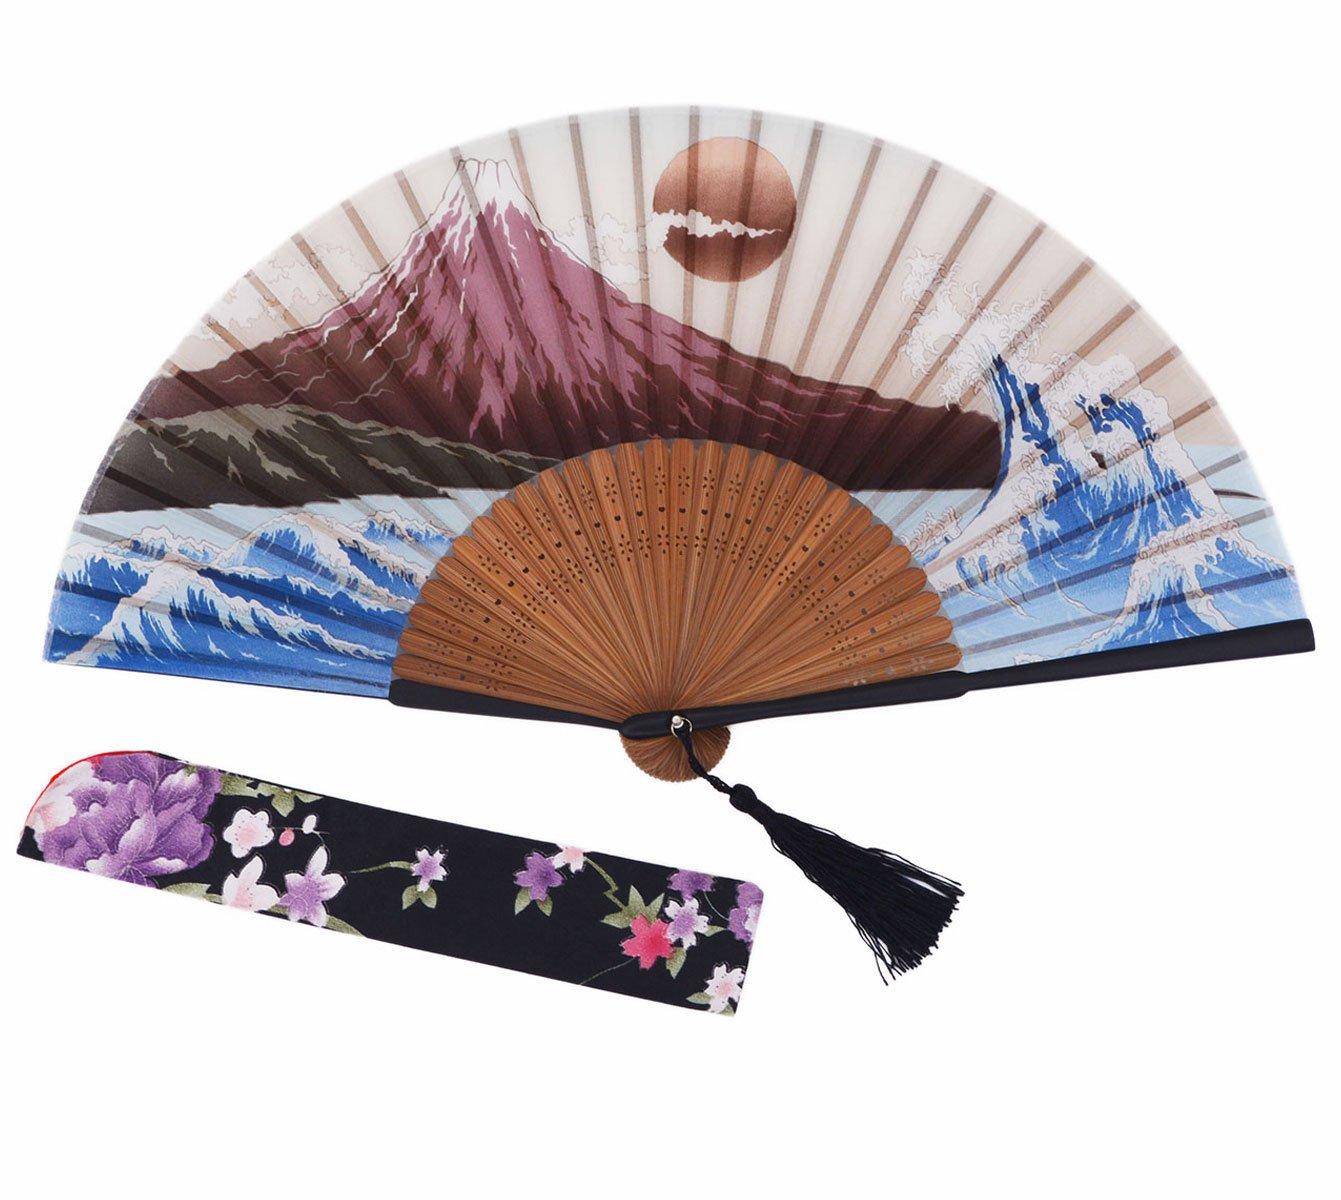 Amajiji Chinese Japanese Folding Hand Fan for women,Vintage Retro Style 9.05